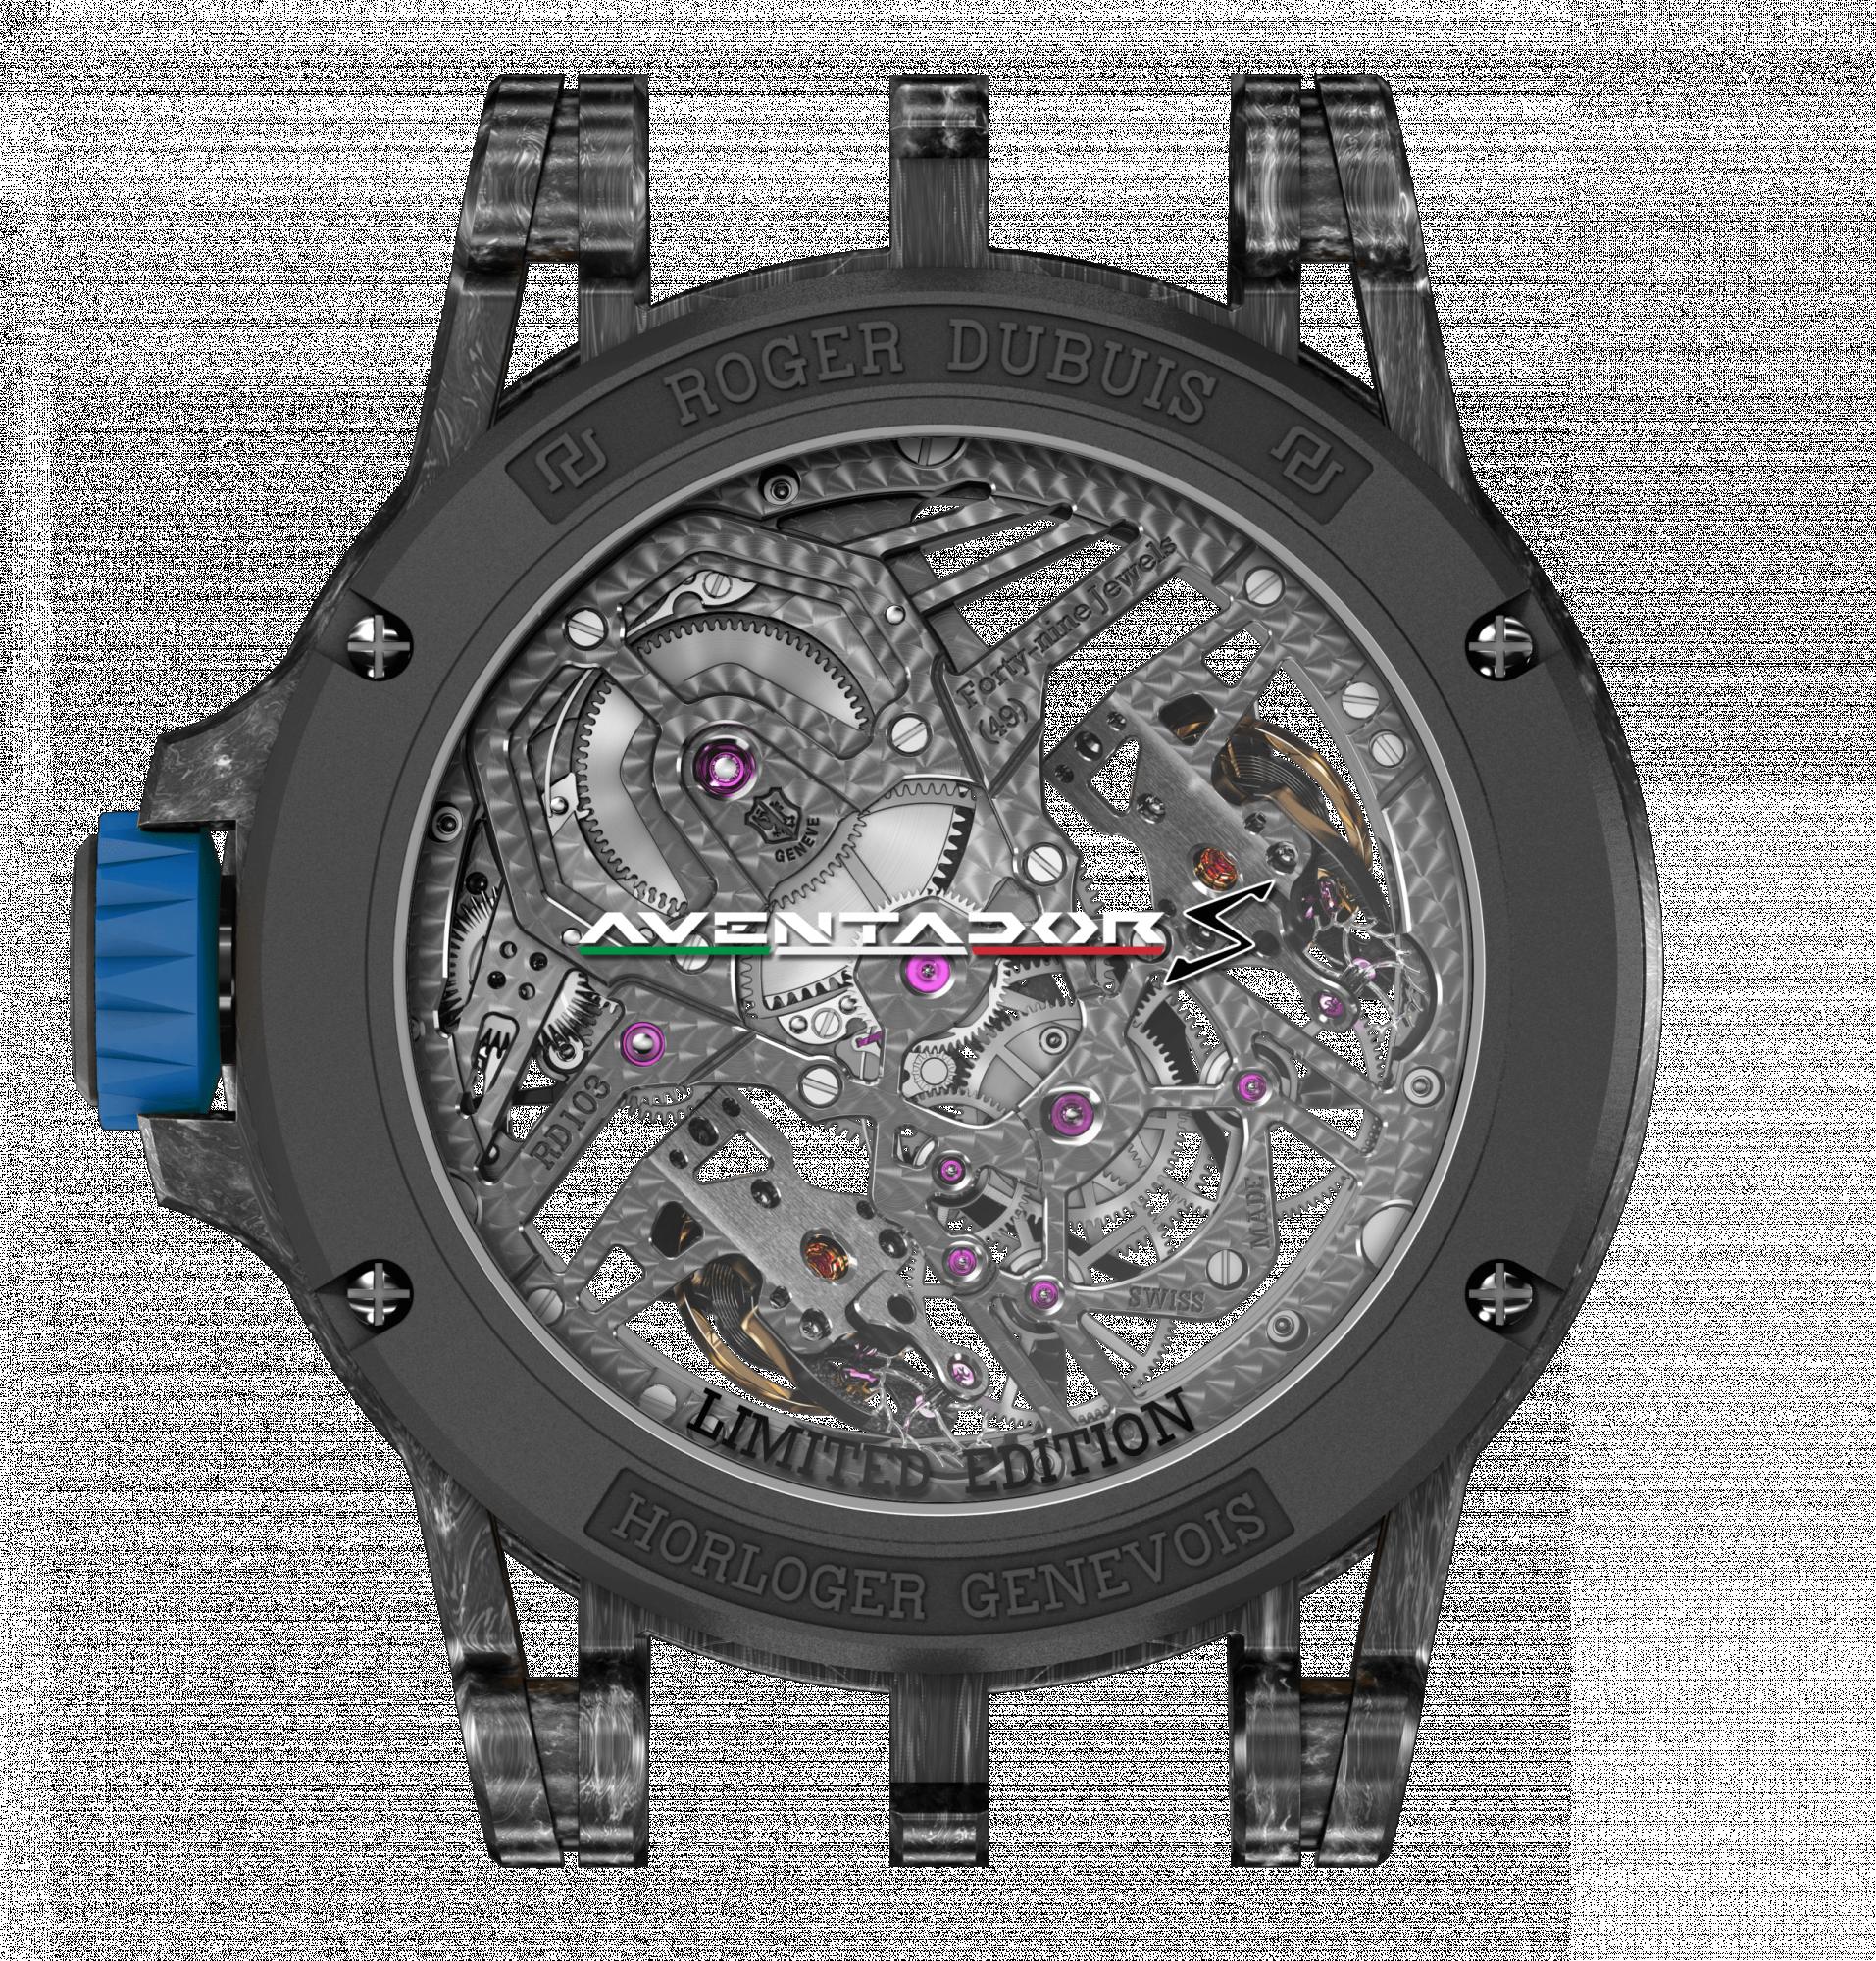 ROGER DUBUIS 「Excalibur 王者系列」全新限量錶款 精準掌控速度 追回人生重要時刻